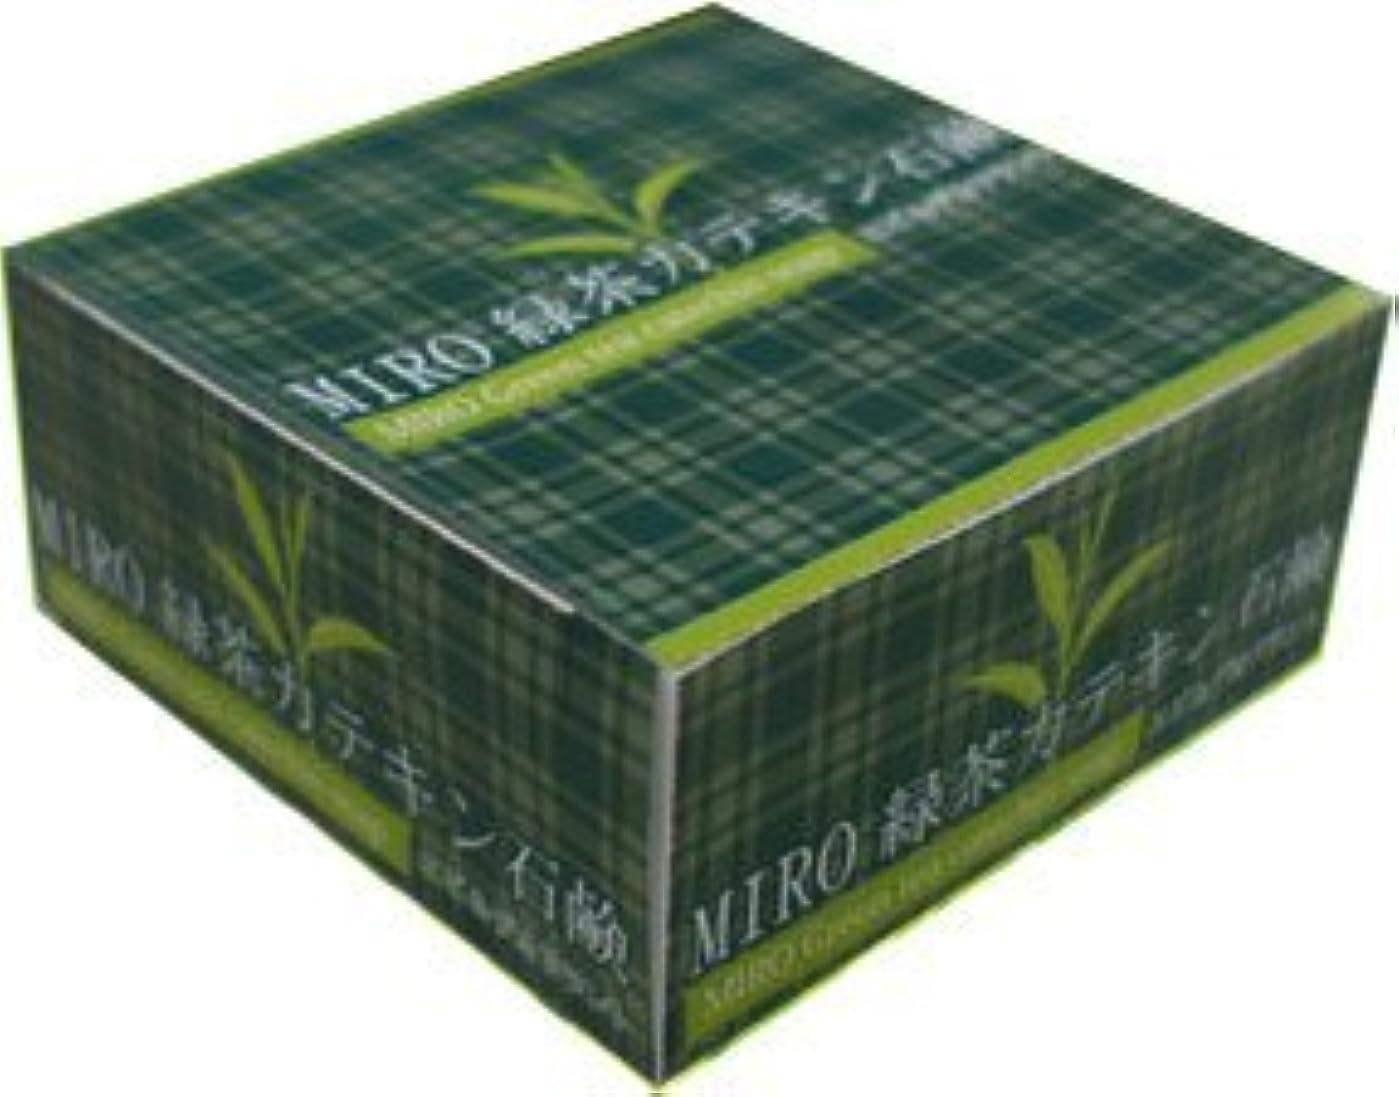 【MIRO 緑茶カテキン石鹸】 wm